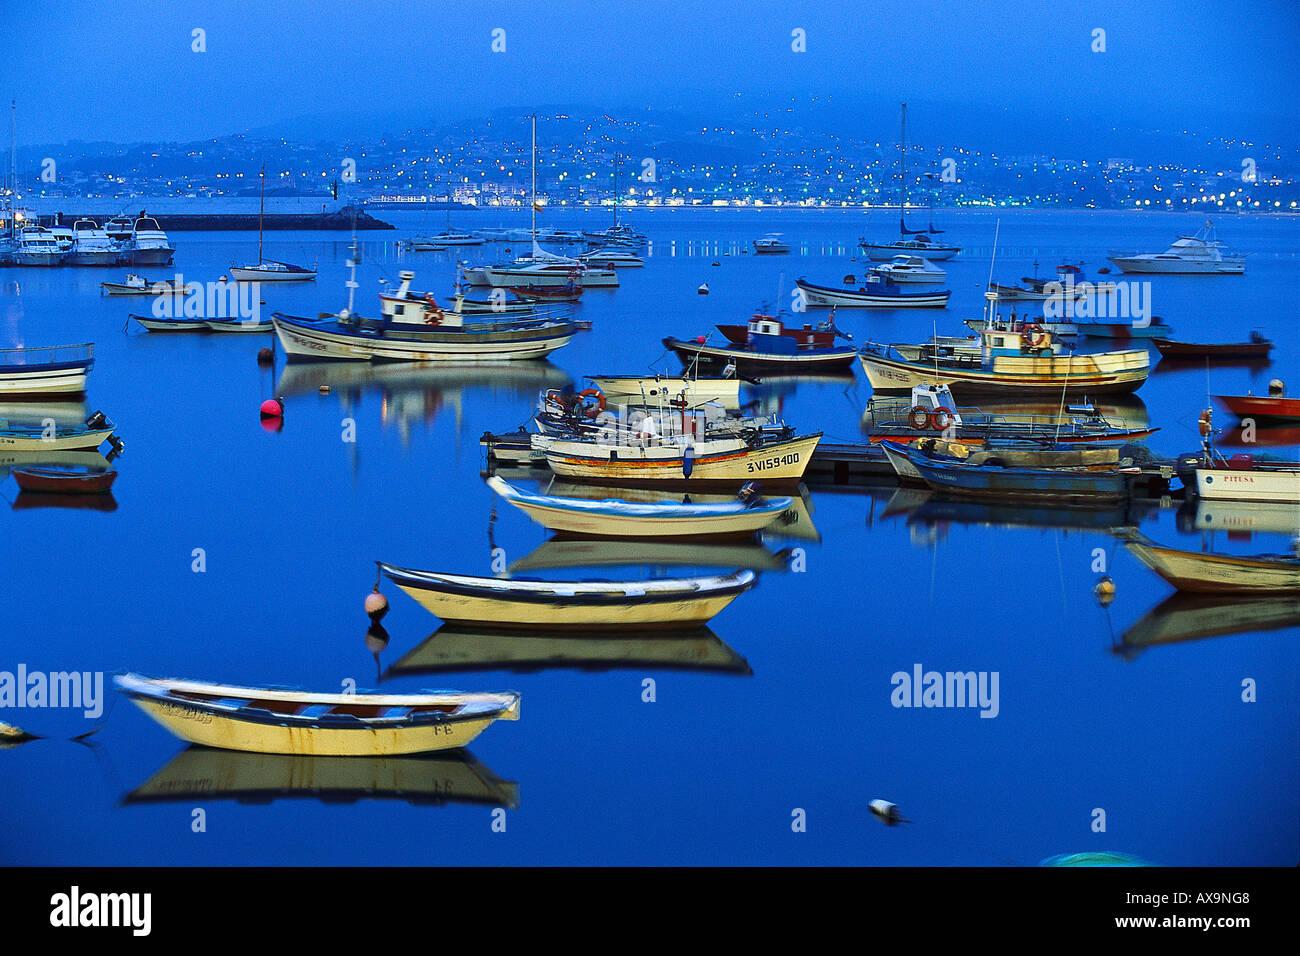 Bateaux de pêche dans le port de nuit, Ria de Baiona, Pontevedra, Galice, Espagne Banque D'Images